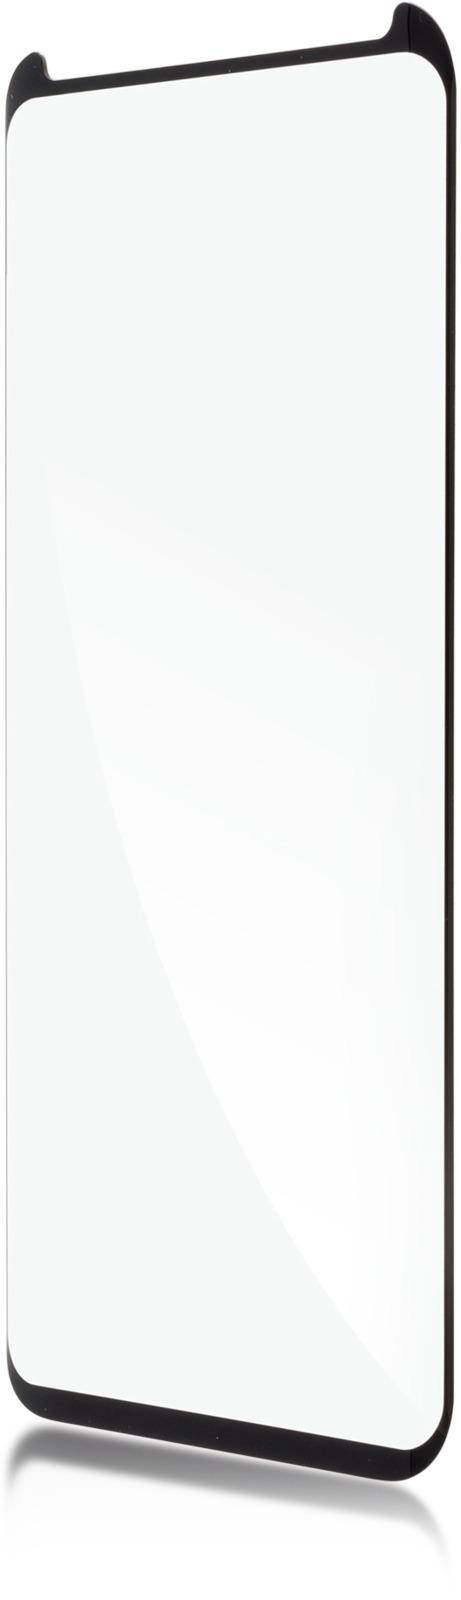 Защитное стекло Brosco 3D полноприклеивающееся для Samsung Galaxy S9 Plus, черный защитное стекло для samsung galaxy s9 sm g960 onext 3d изогнутое по форме дисплея с черной рамкой